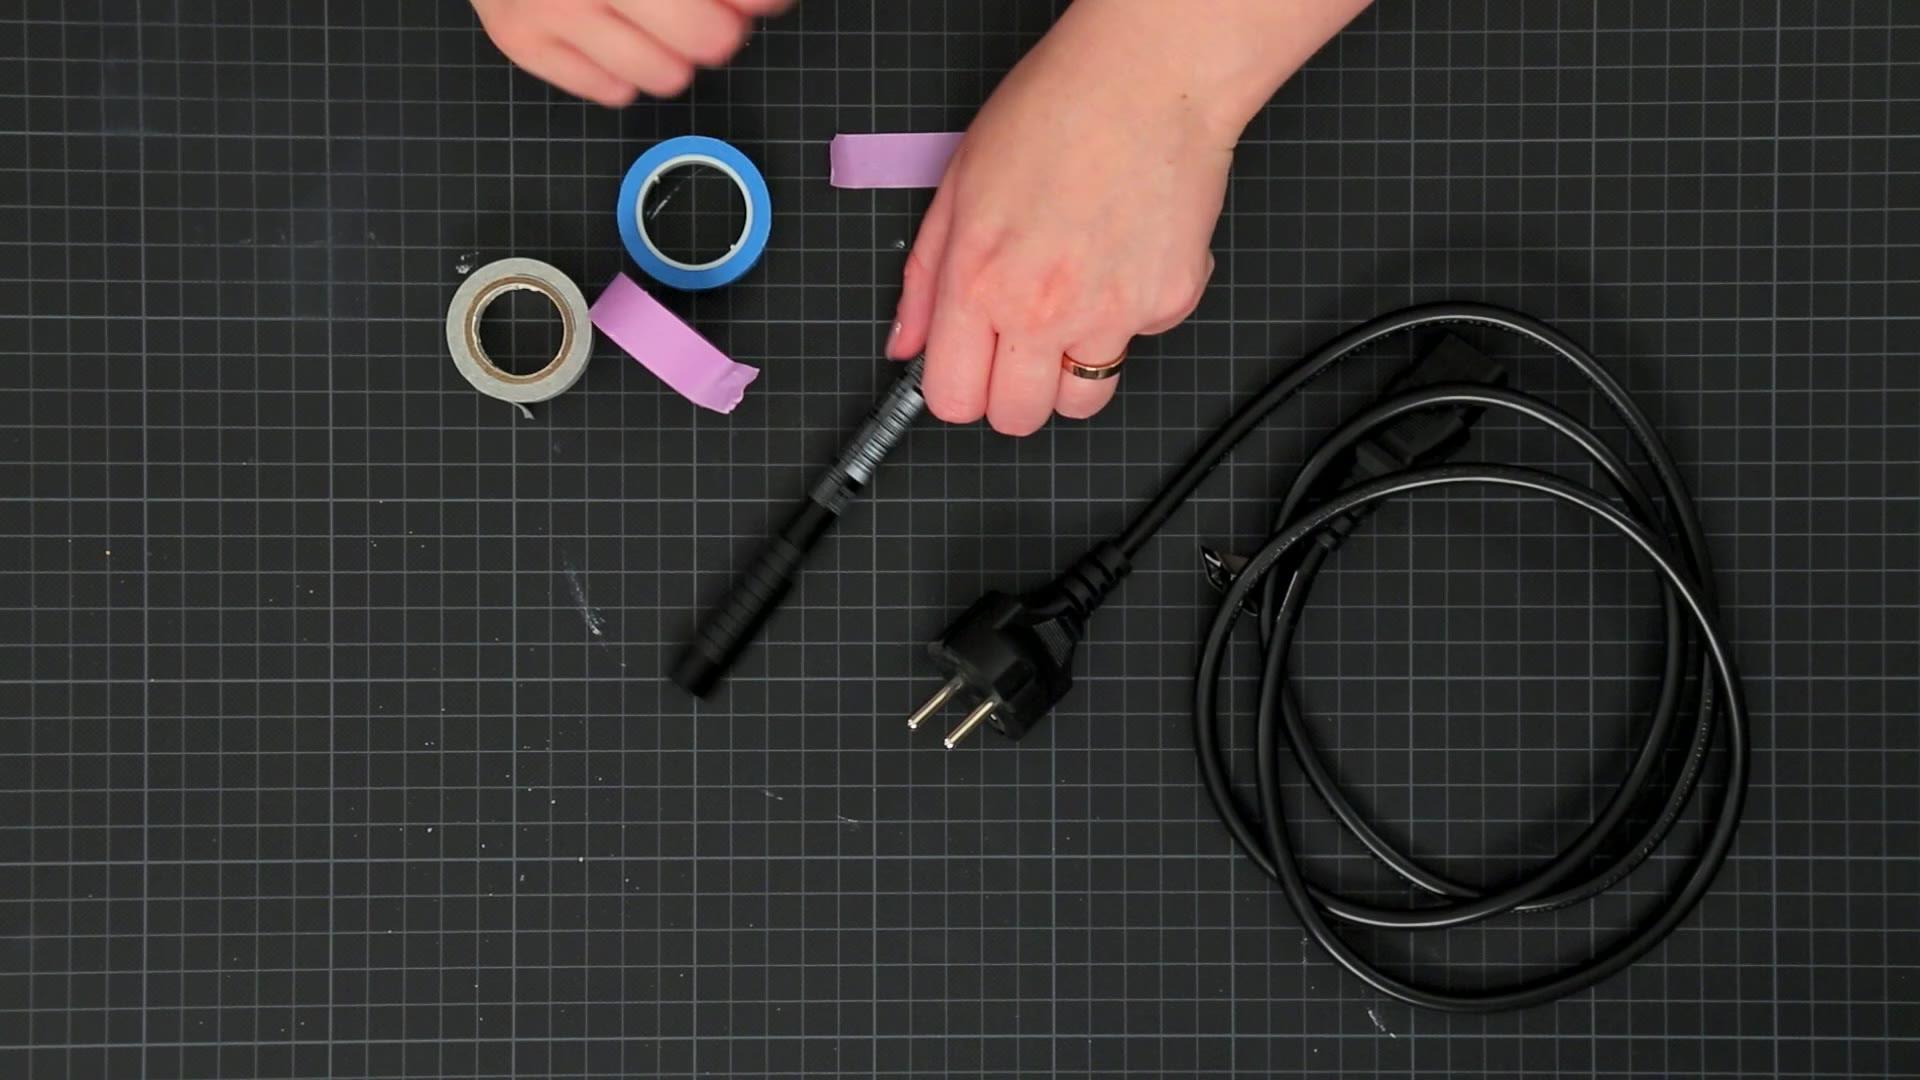 Kabel und Washi Tape